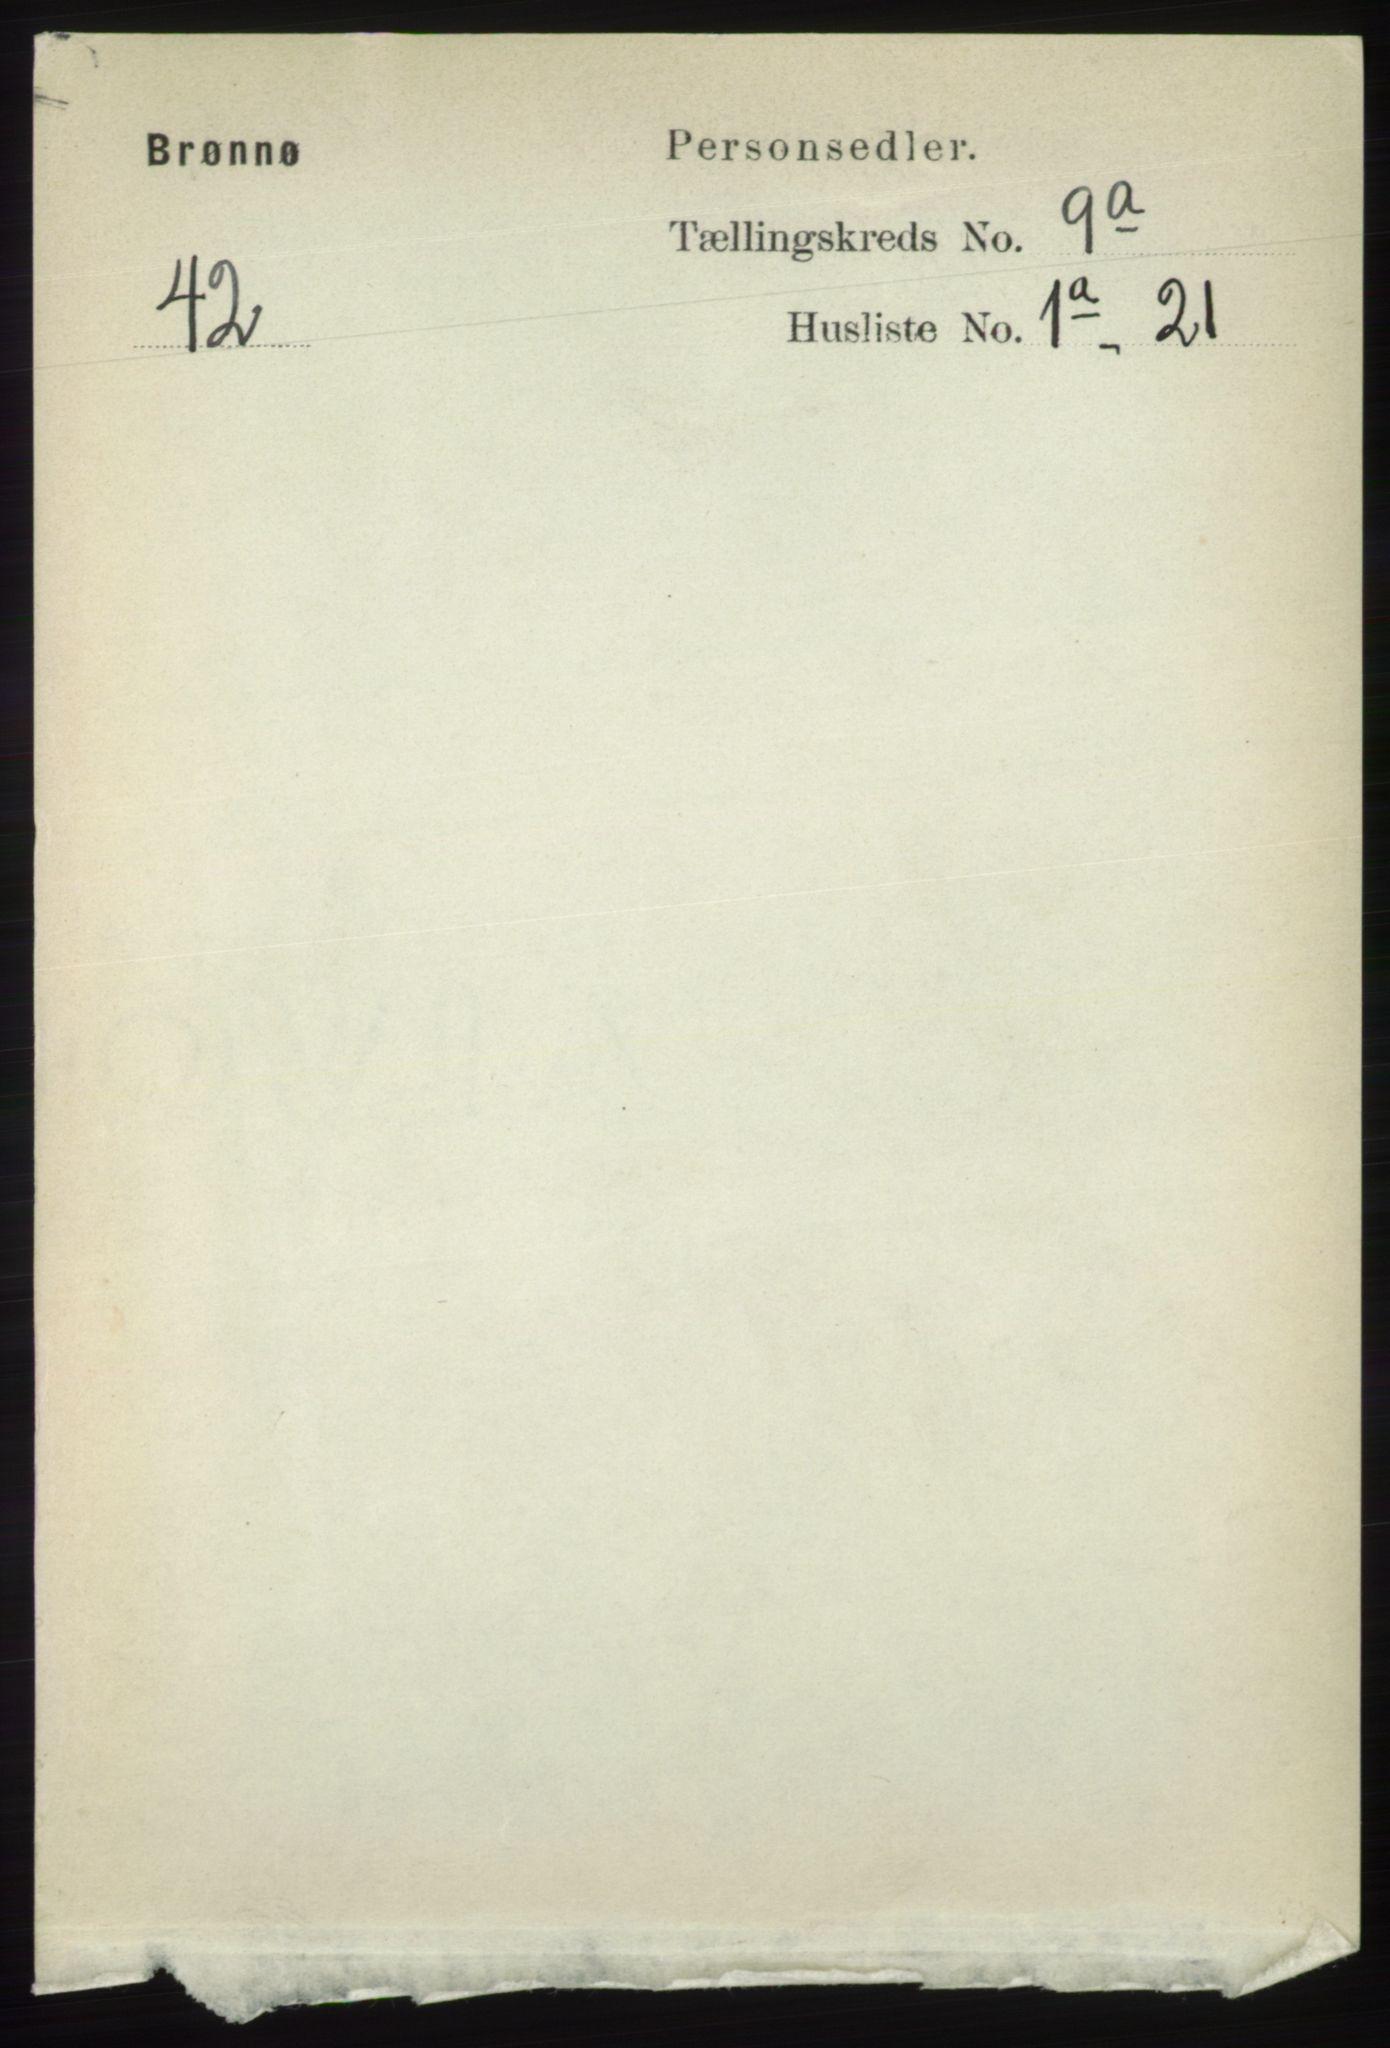 RA, Folketelling 1891 for 1814 Brønnøy herred, 1891, s. 4907